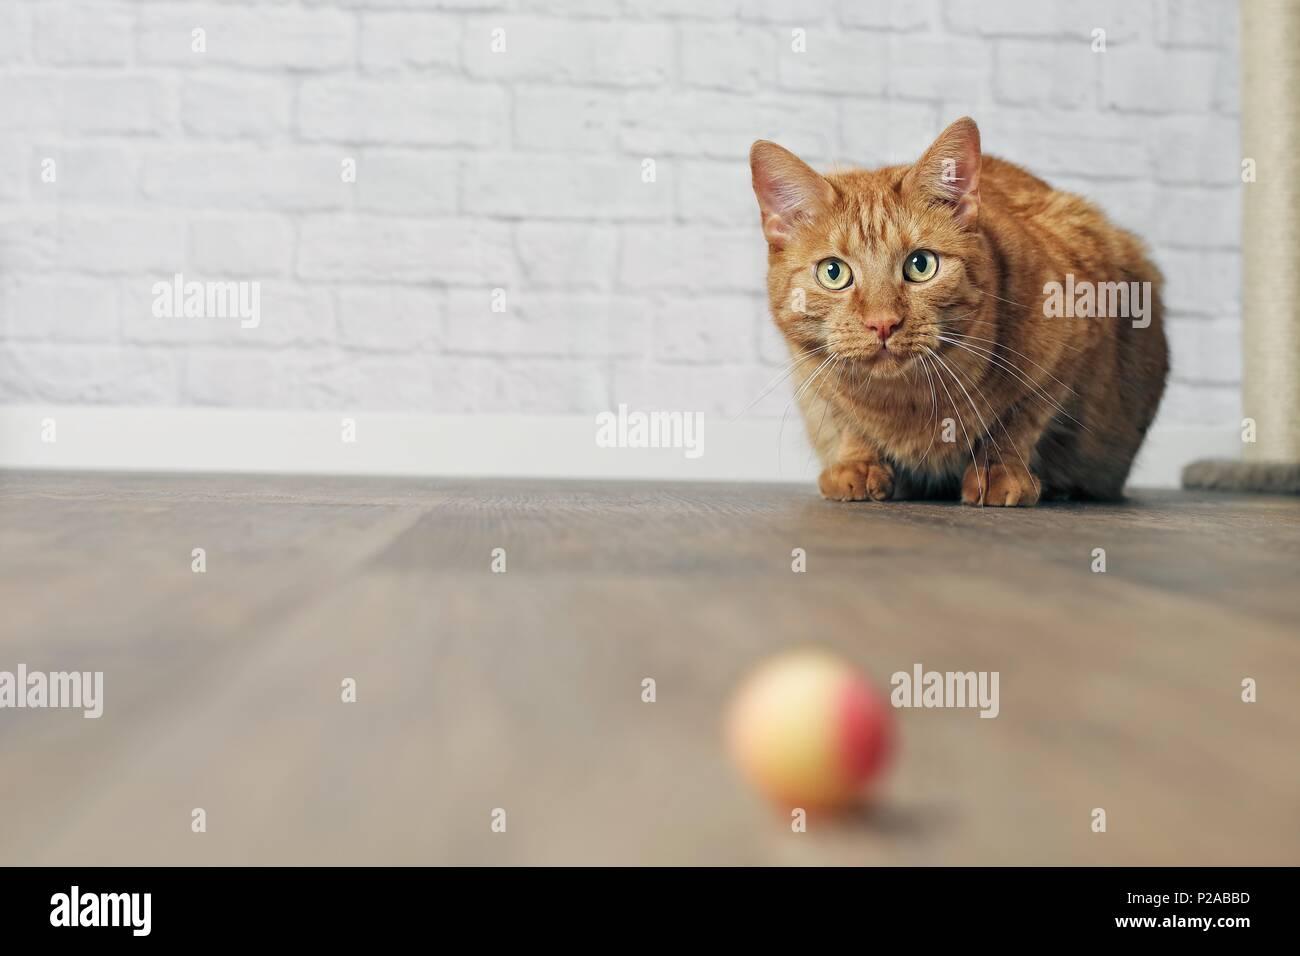 Lo zenzero simpatico gatto in agguato. Immagini Stock